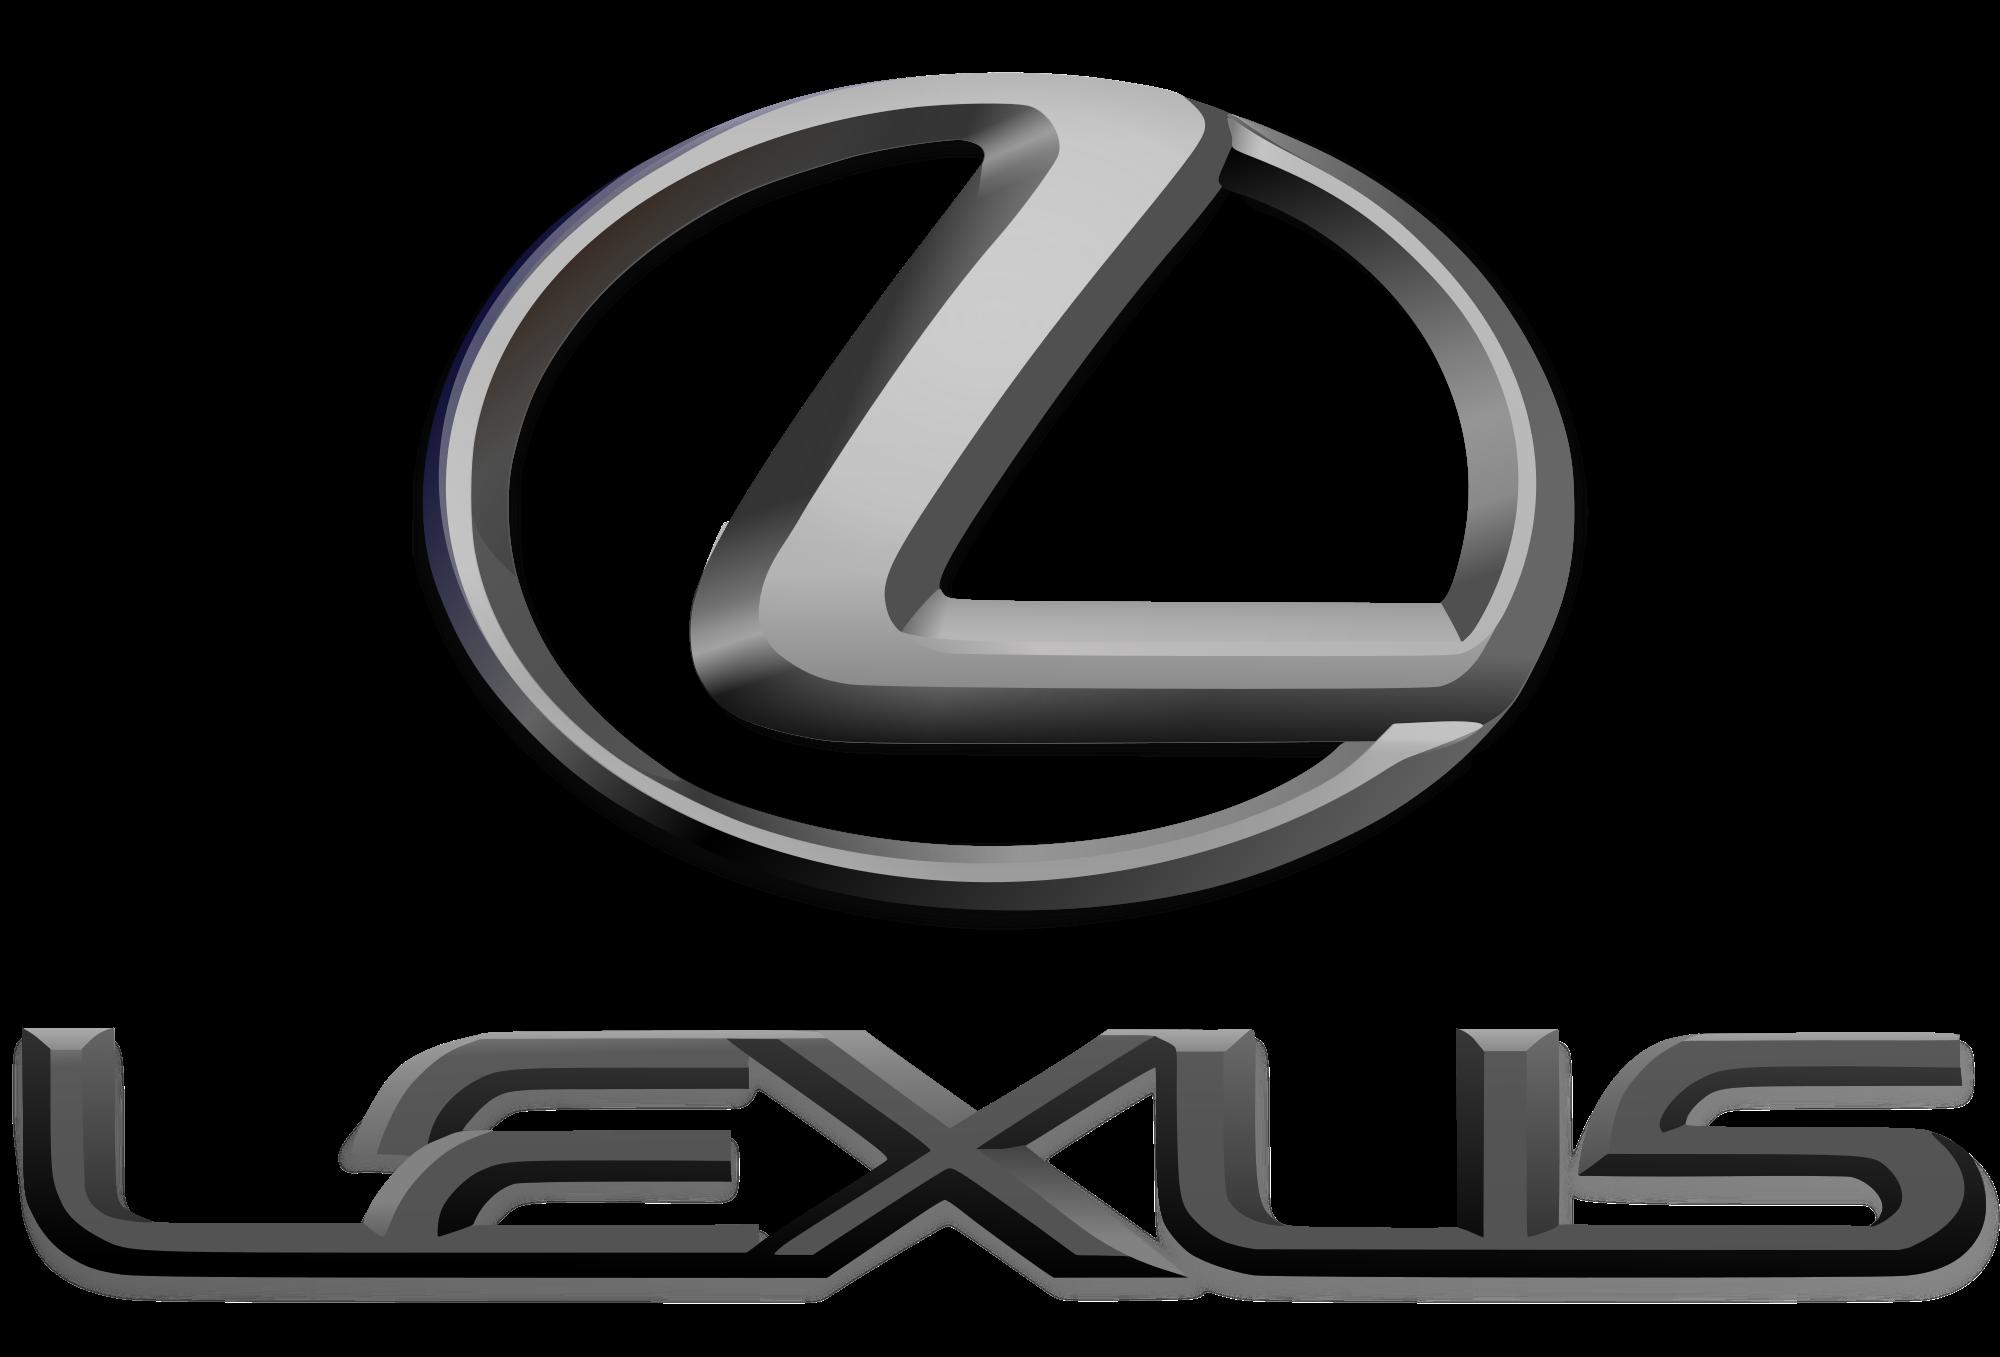 Lexus Fondo De Pantalla Hd Fondo De Escritorio 2000x1357